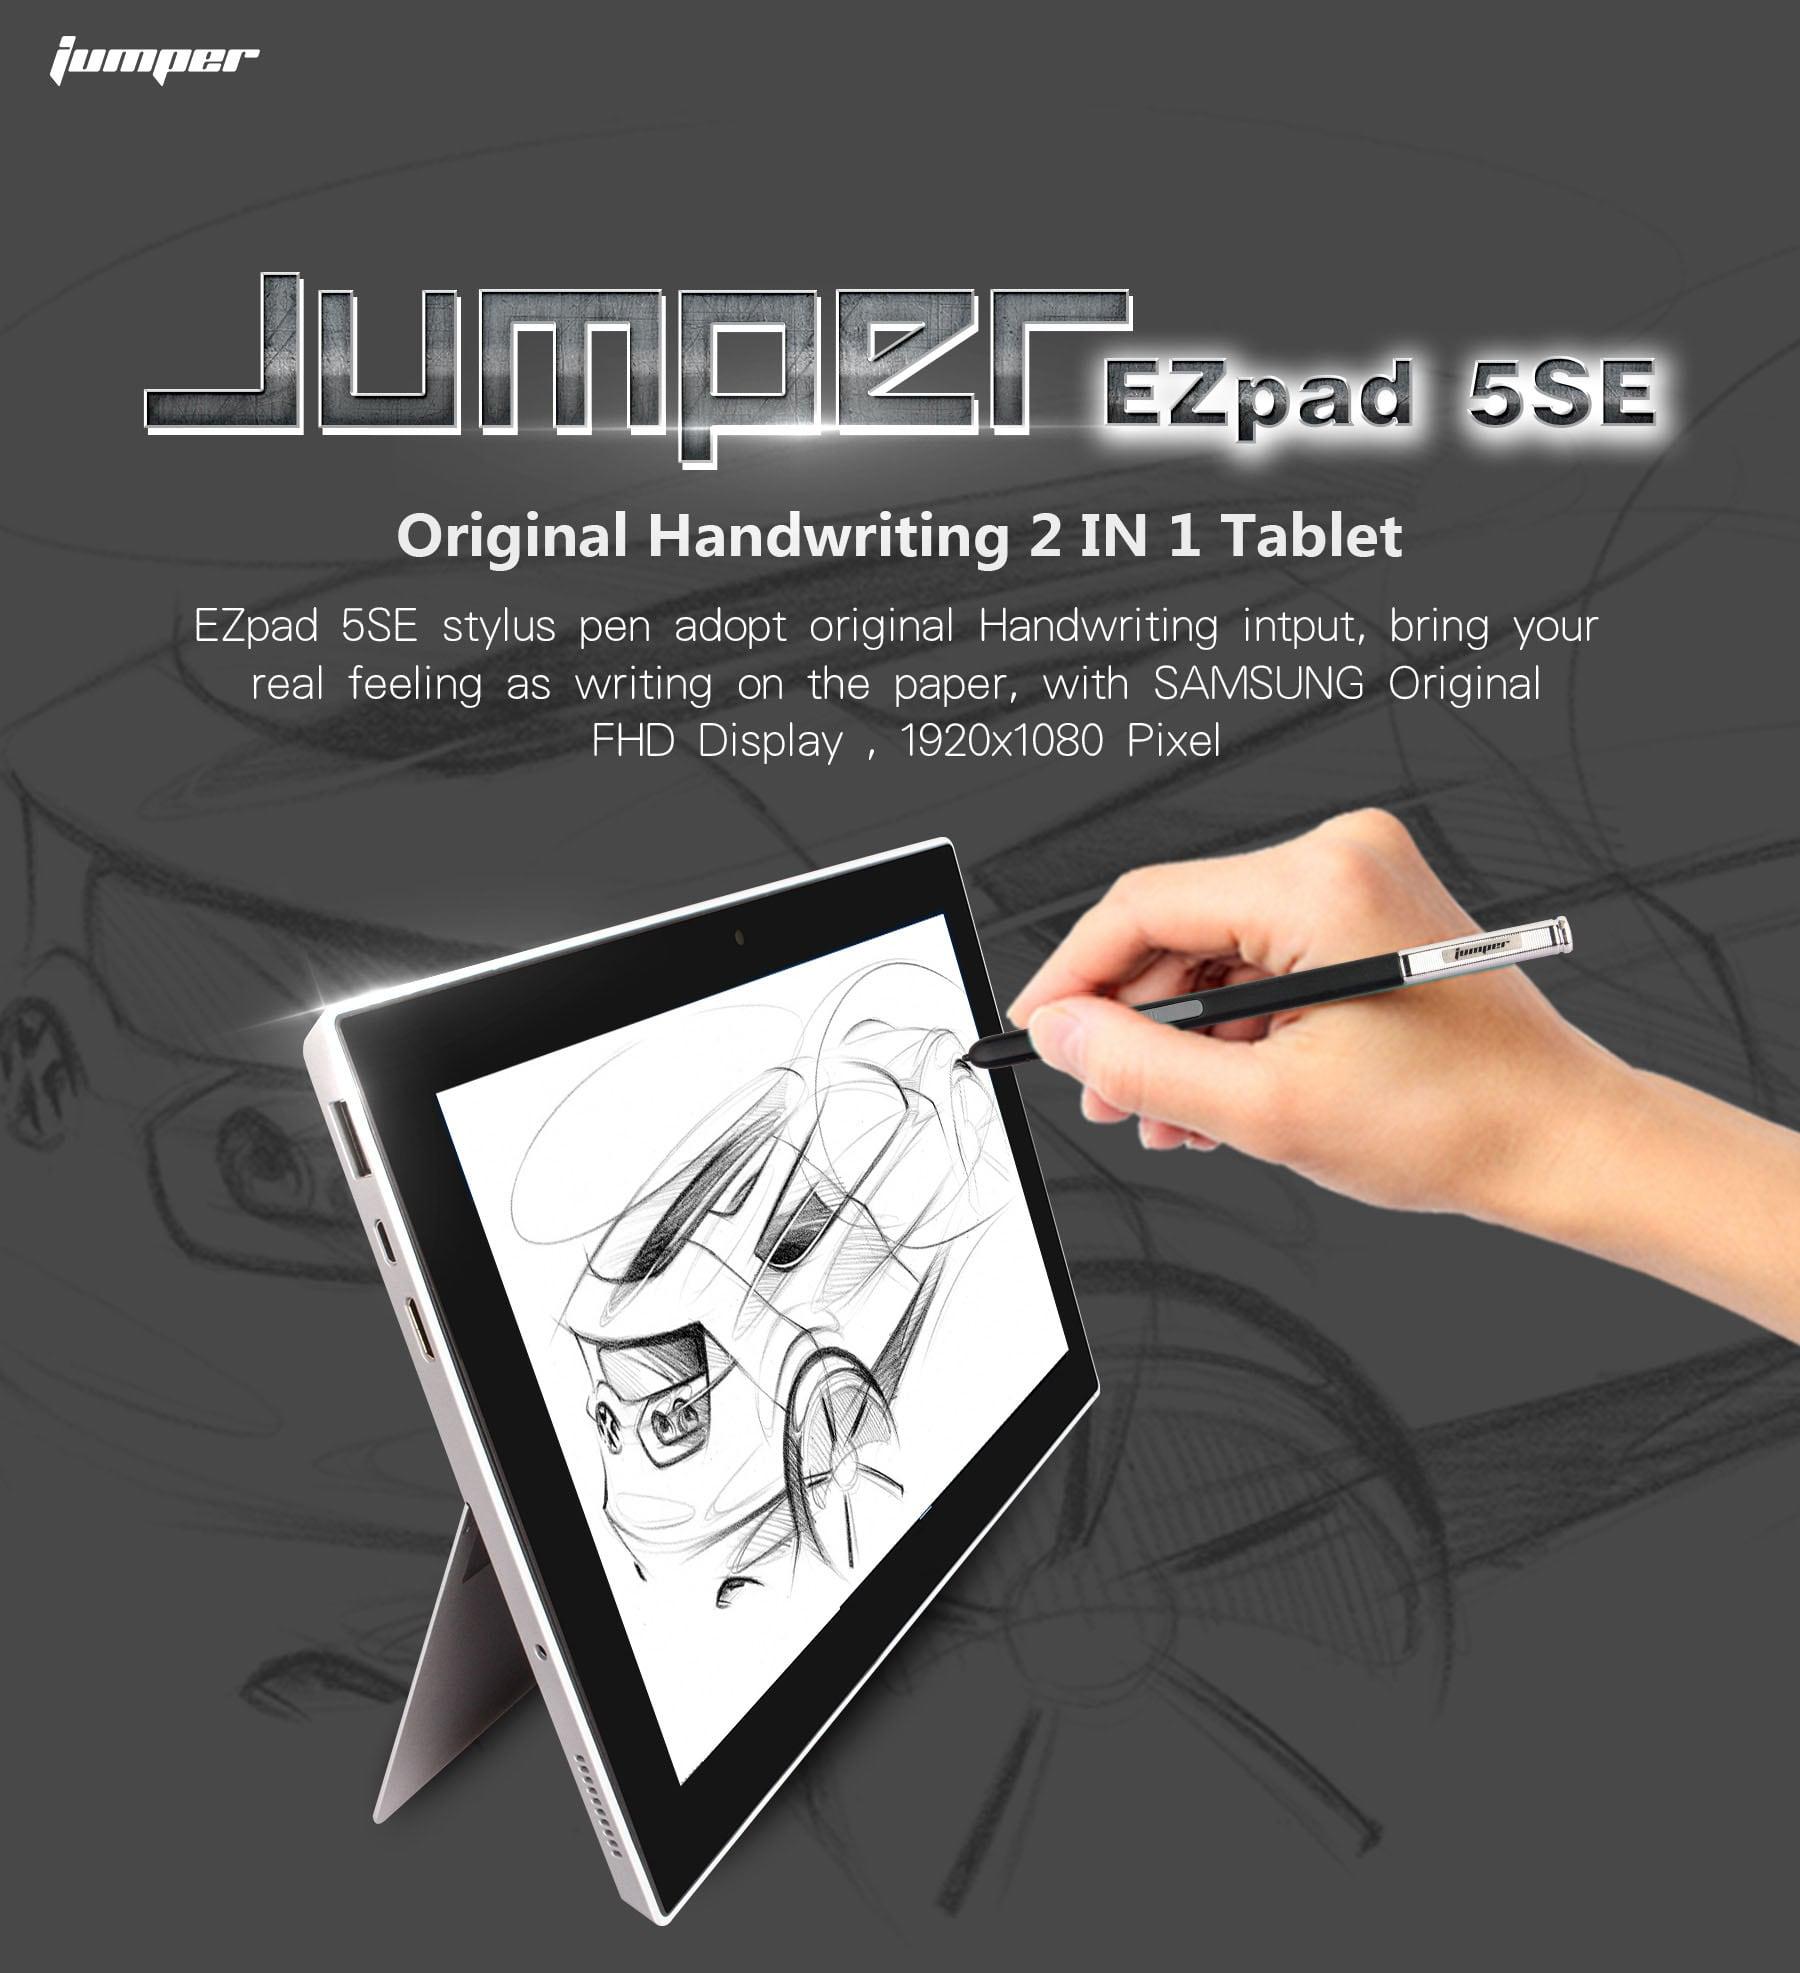 キックスタンド中華タブレットJumper EZpad 5SE 開封の儀 レビュー スタイラスペン付き・キーボード別売